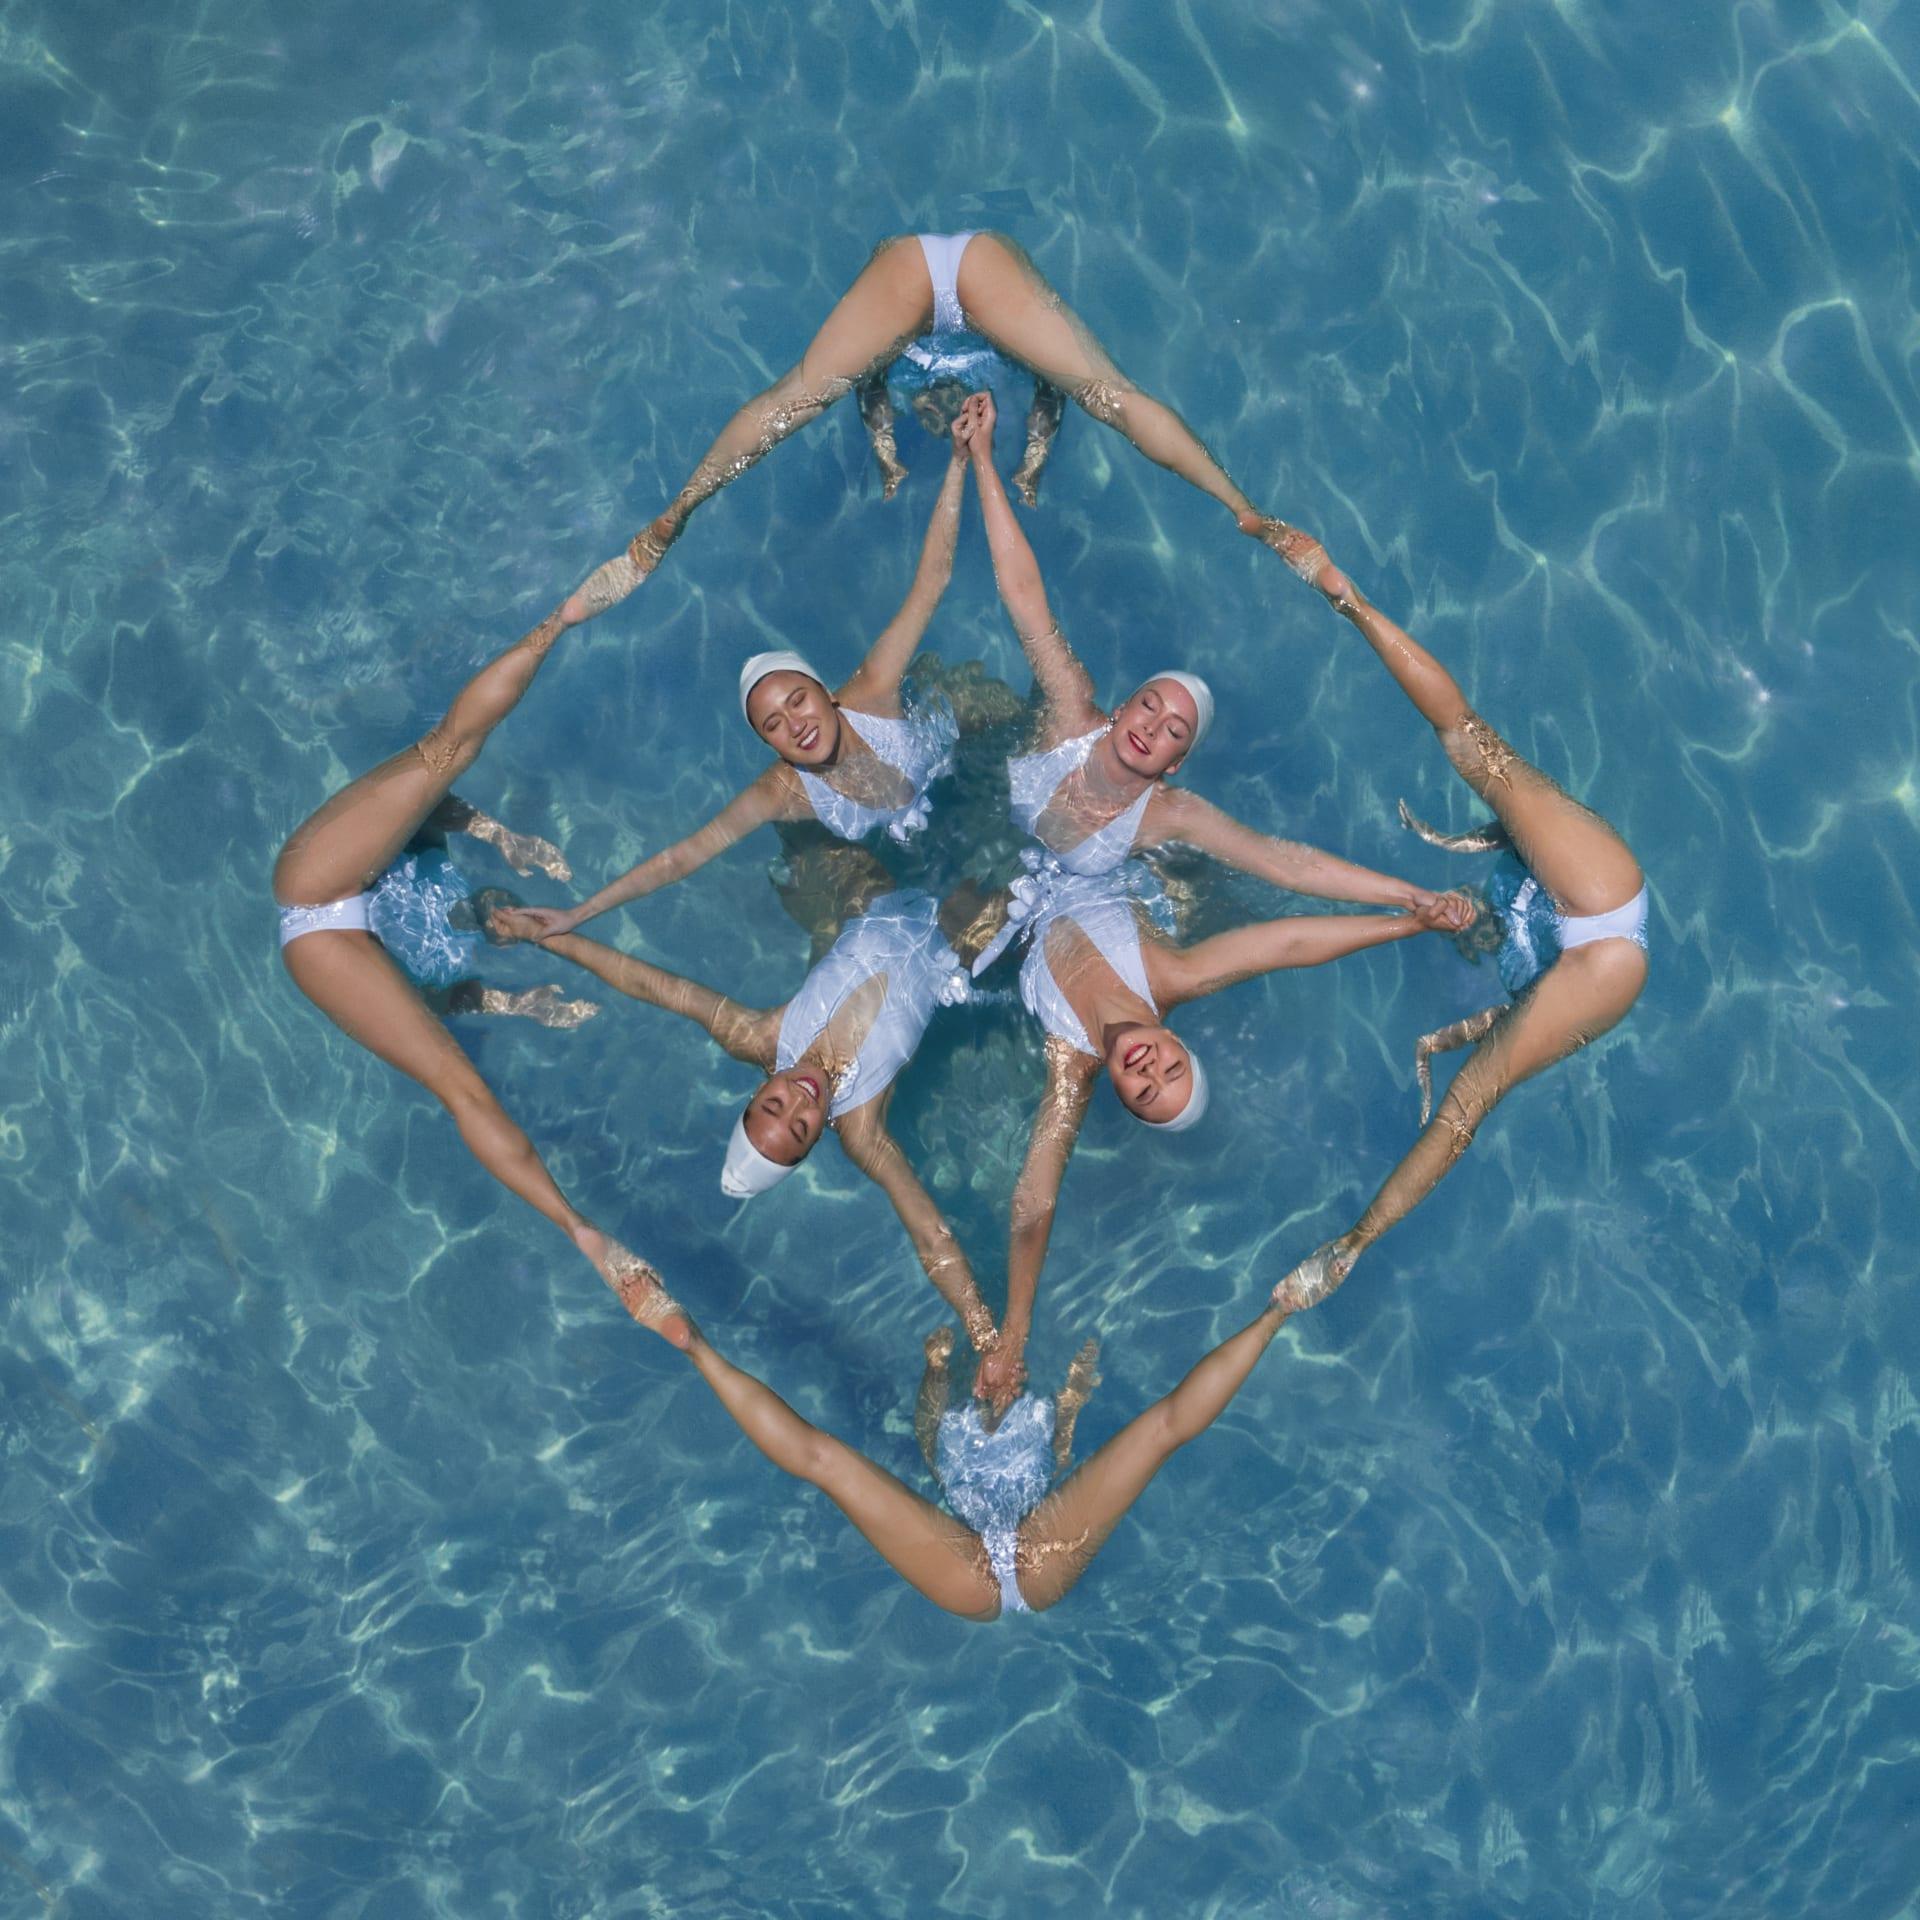 السباحة المتزامنة